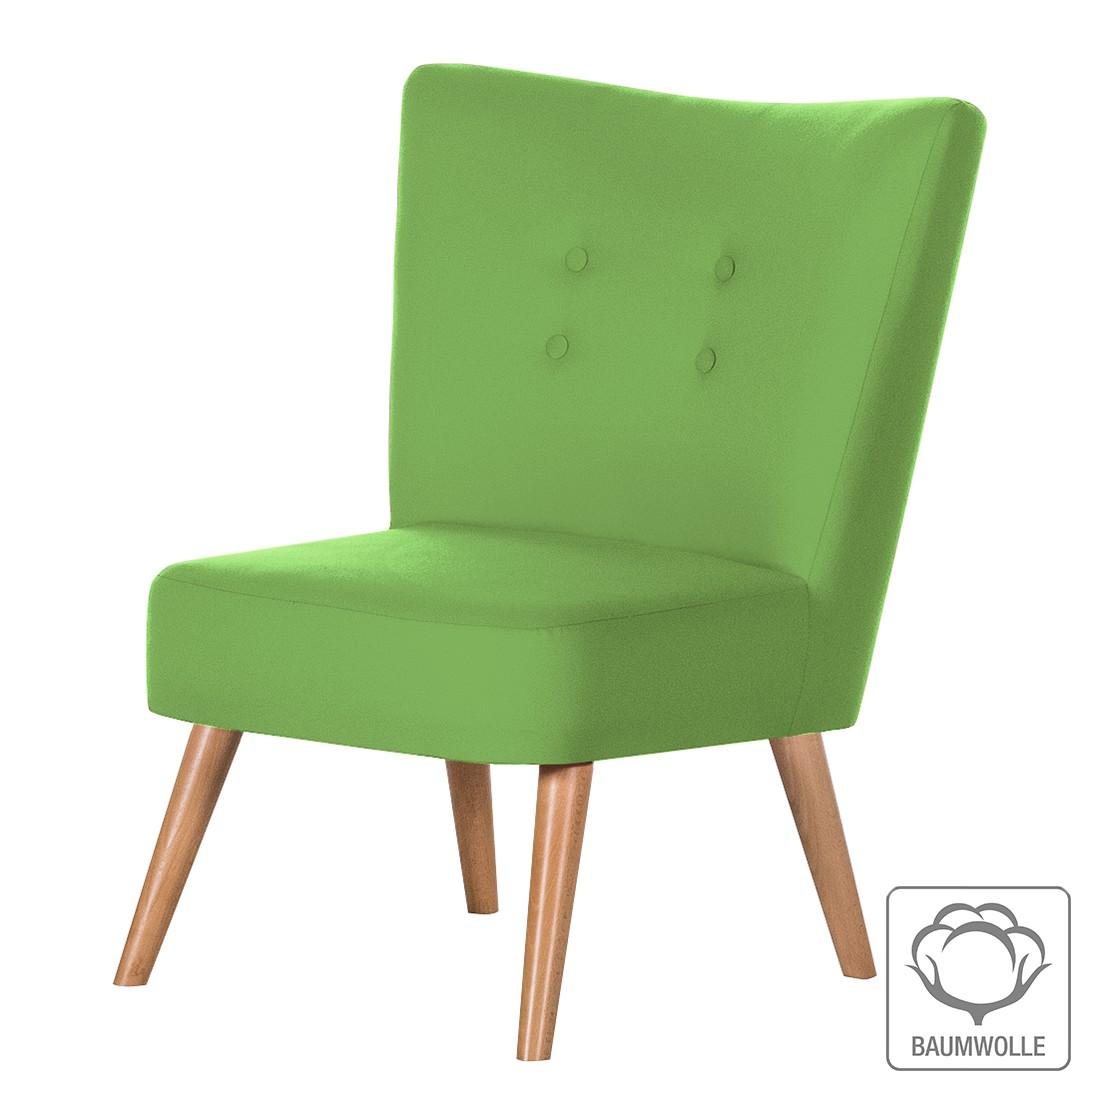 Sessel Mikkel – Baumwollstoff Grün, Morteens günstig kaufen